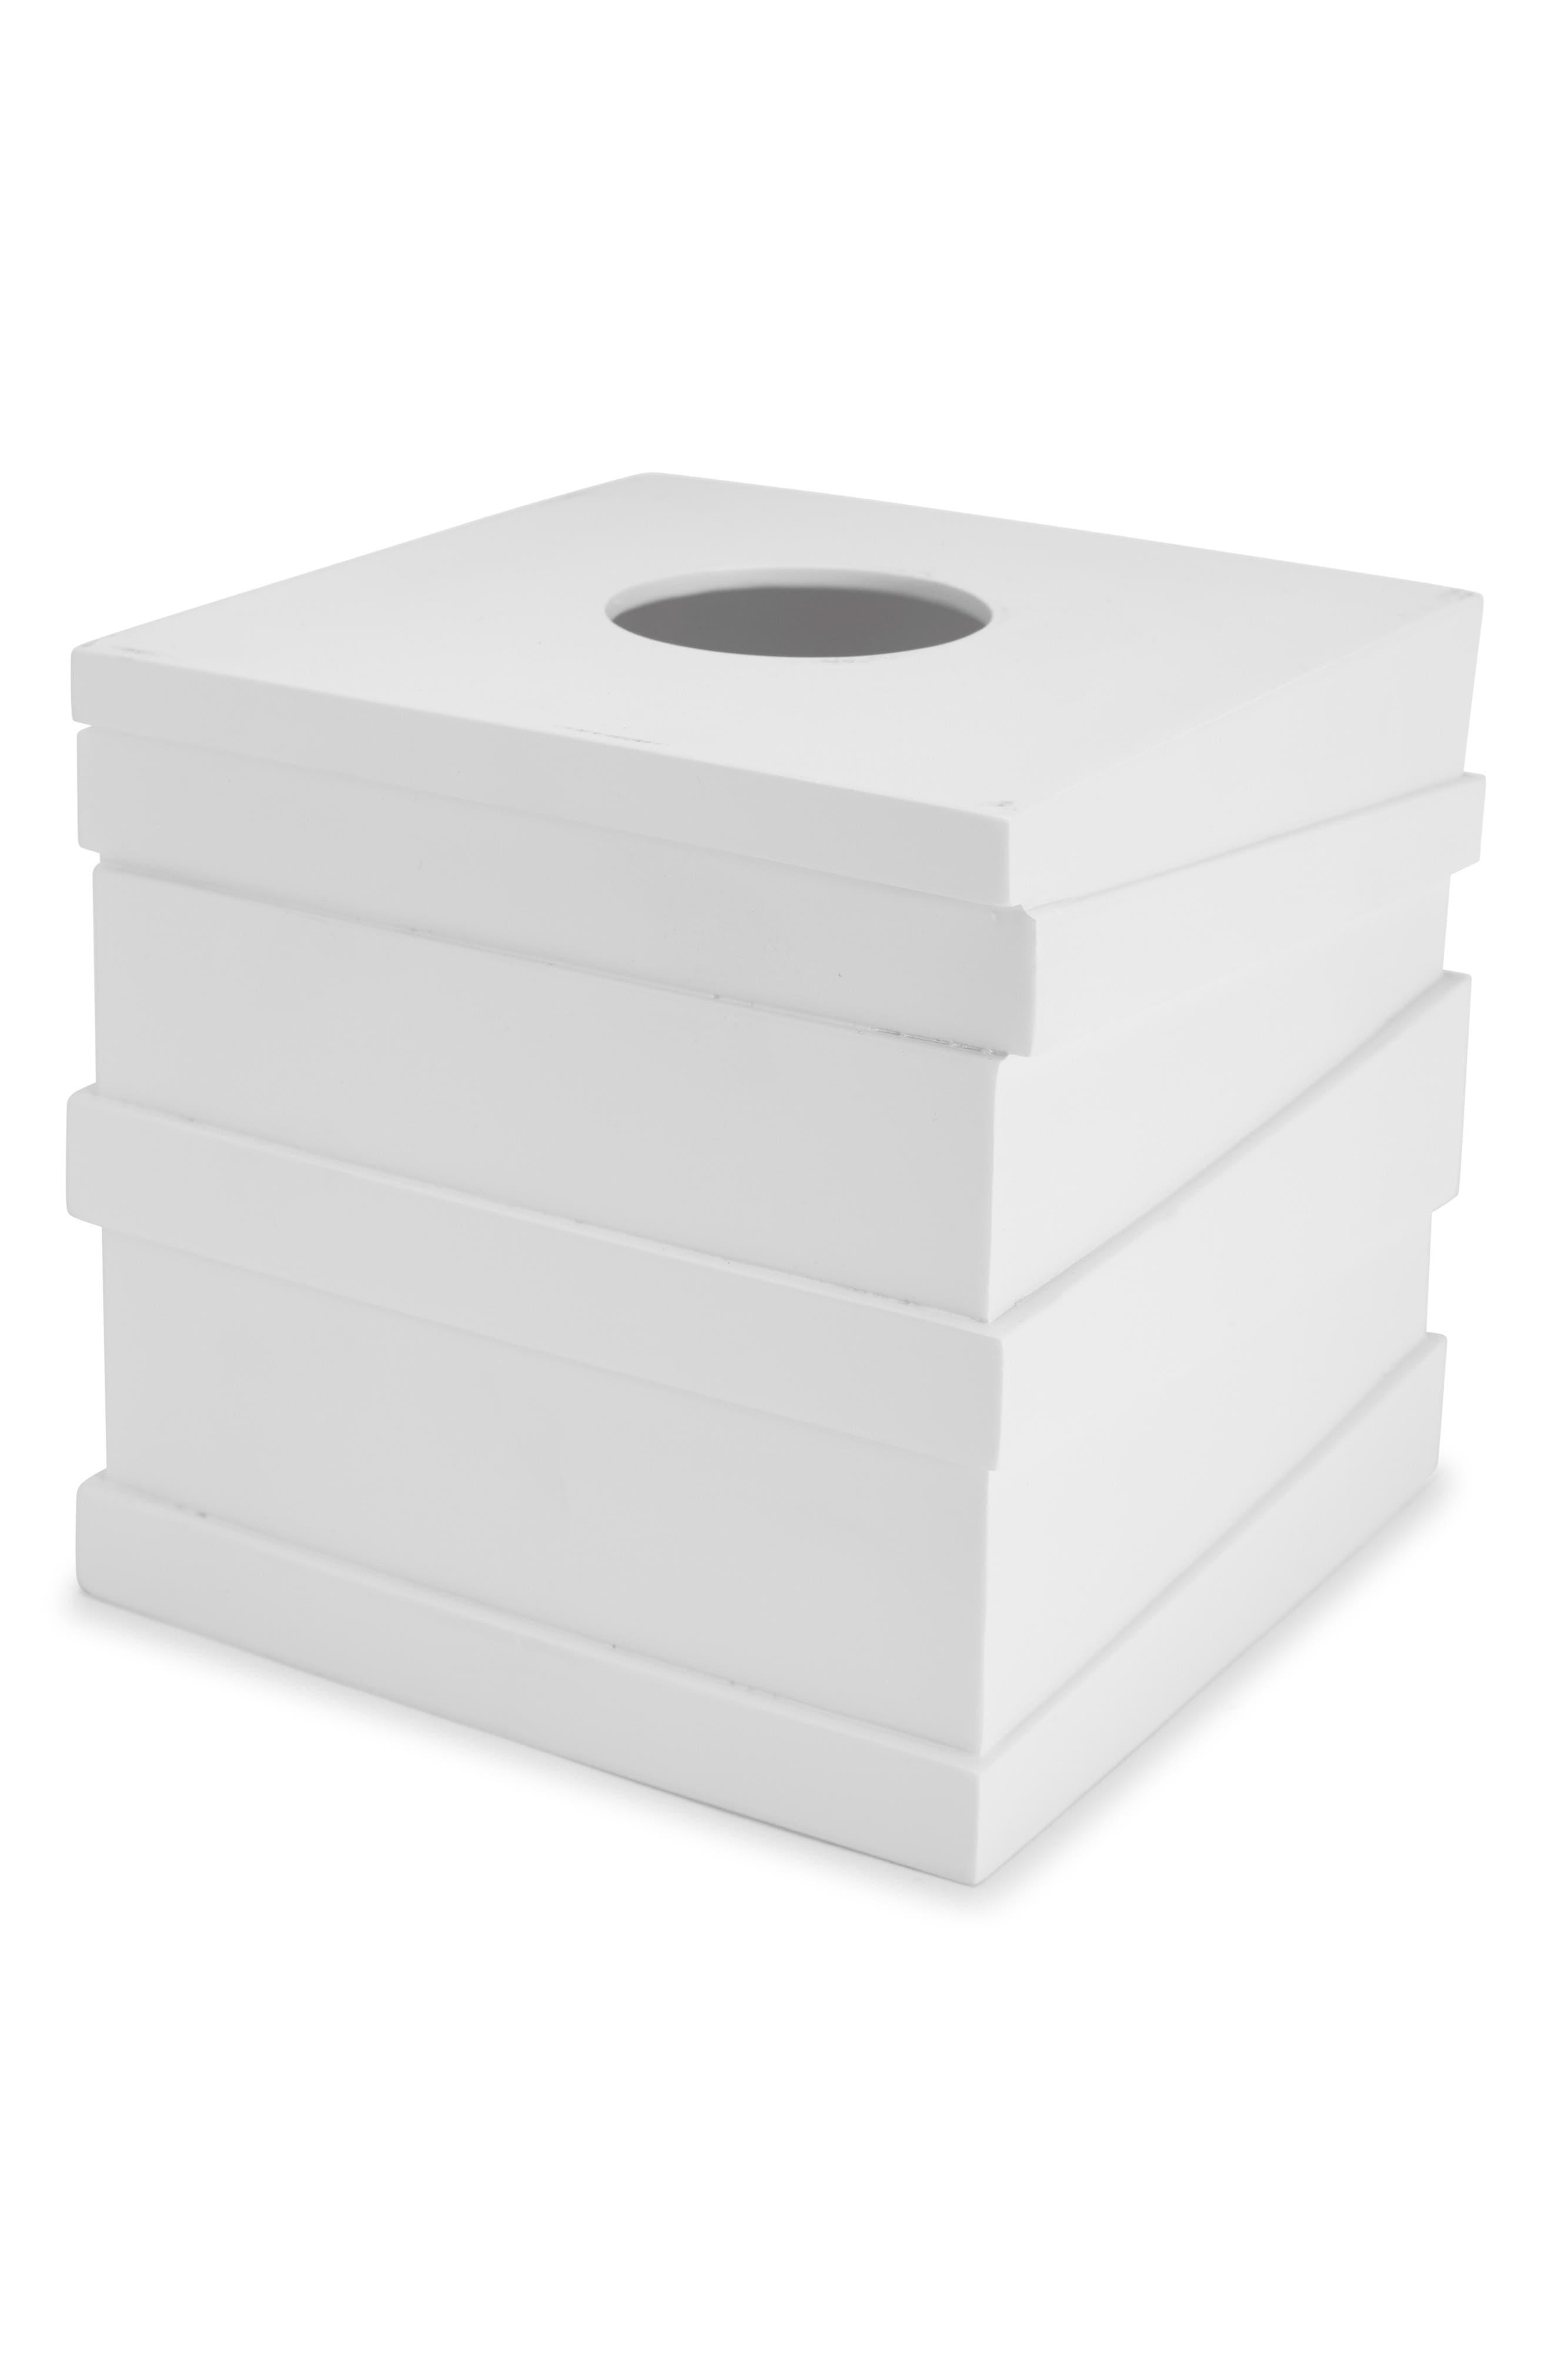 Alpine Tissue Holder,                             Main thumbnail 1, color,                             WHITE